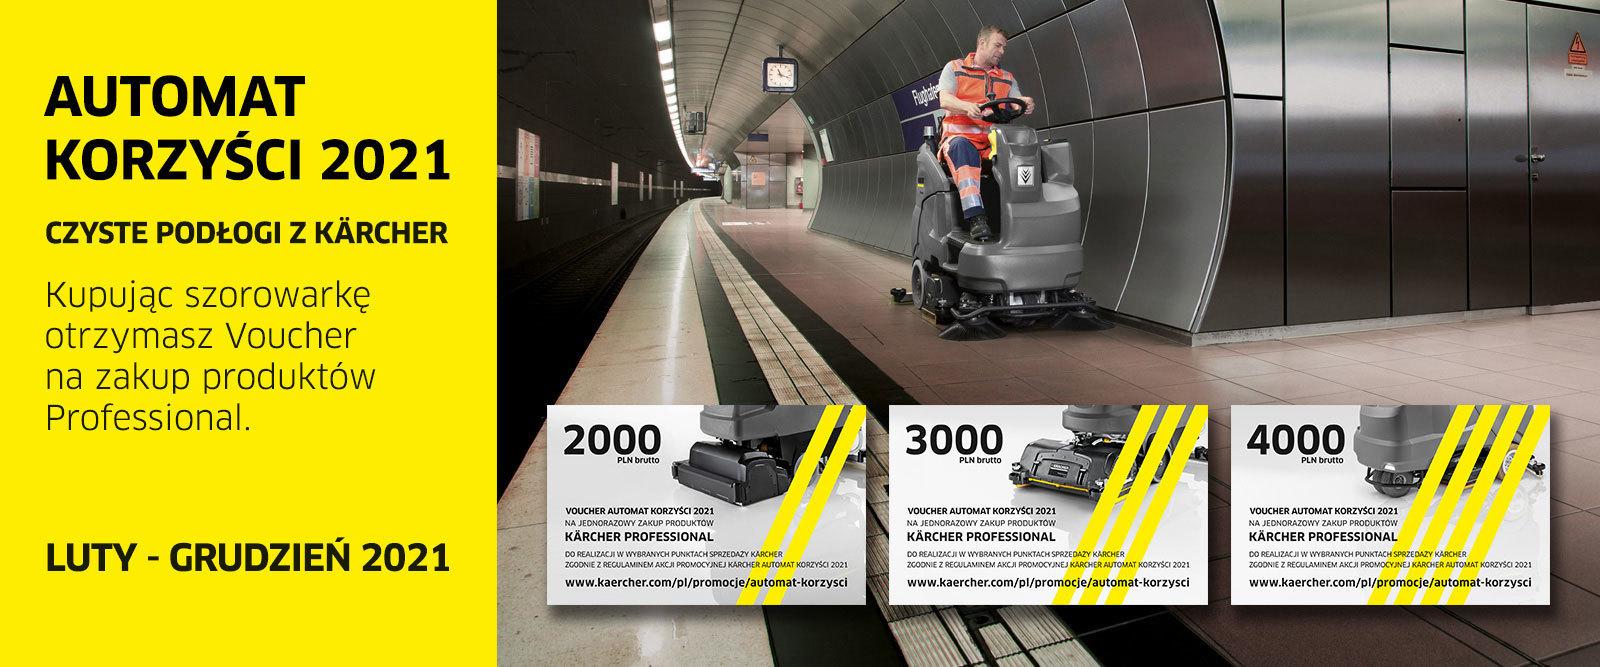 Baner akcji promocyjnej Karcher Automat korzyści 2021